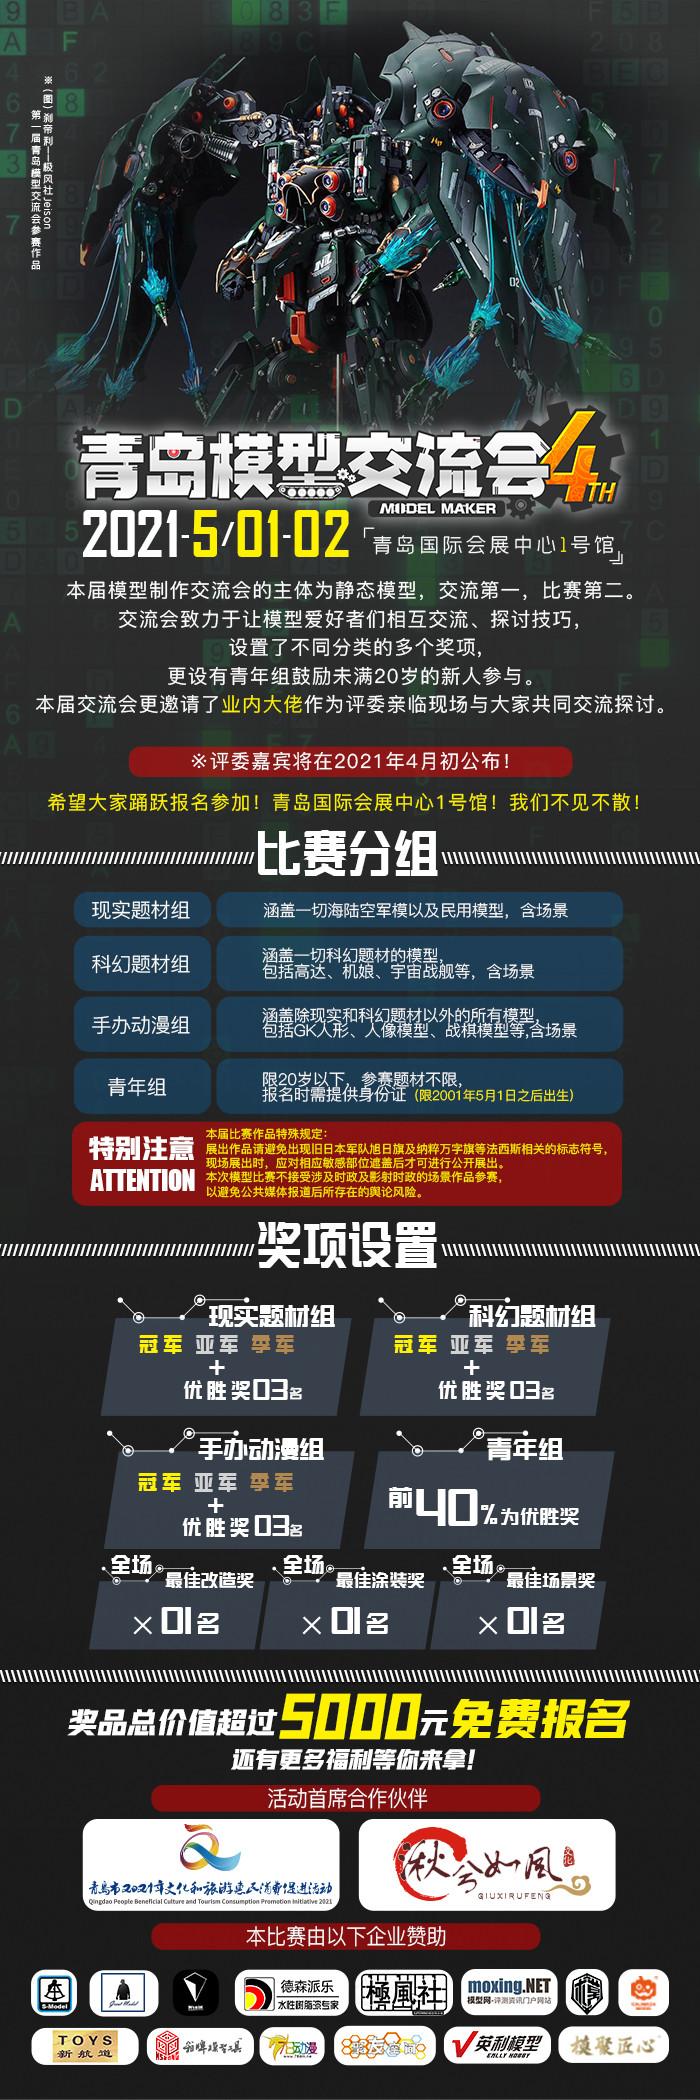 万人狂欢 五一青岛AS动漫游戏展统合宣传第一弹火热来袭!-C3动漫网